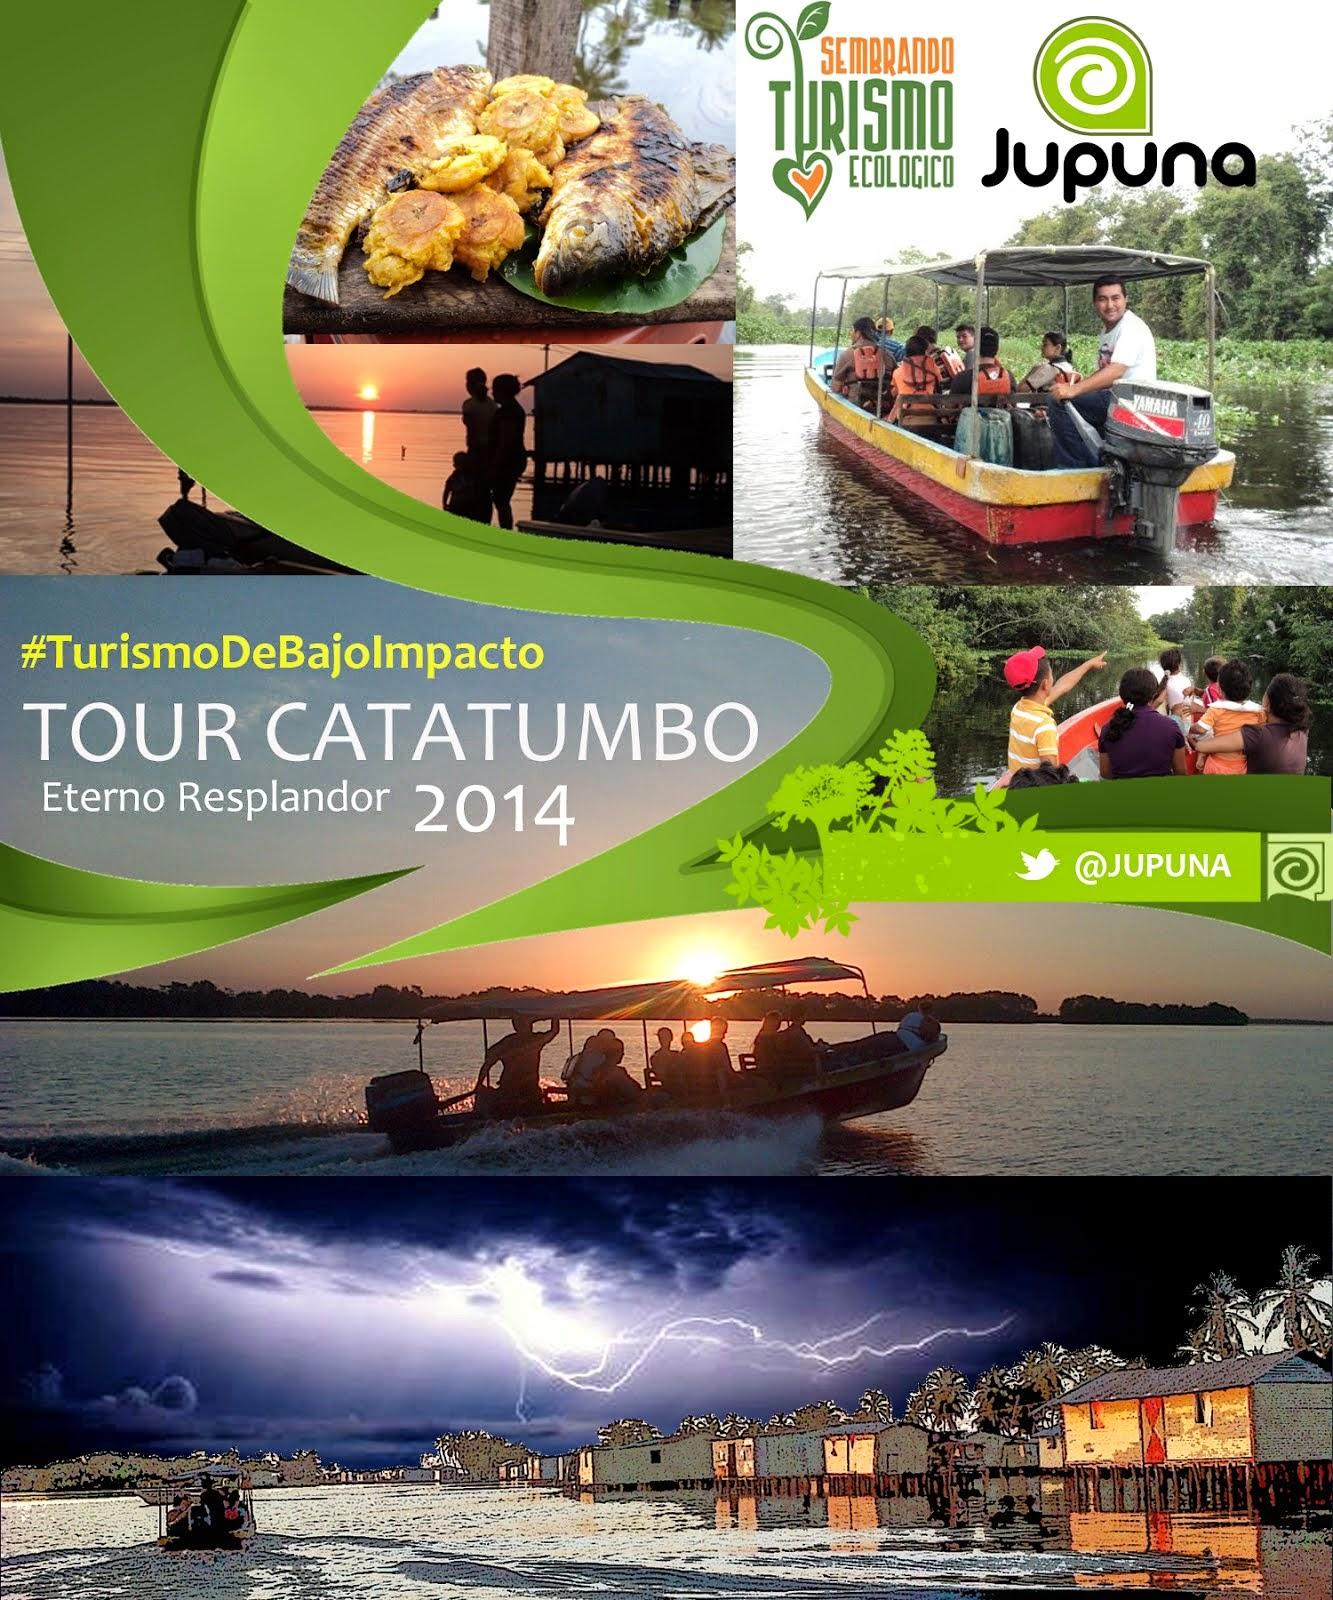 TOUR RELAMPAGO DEL CATATUMBO